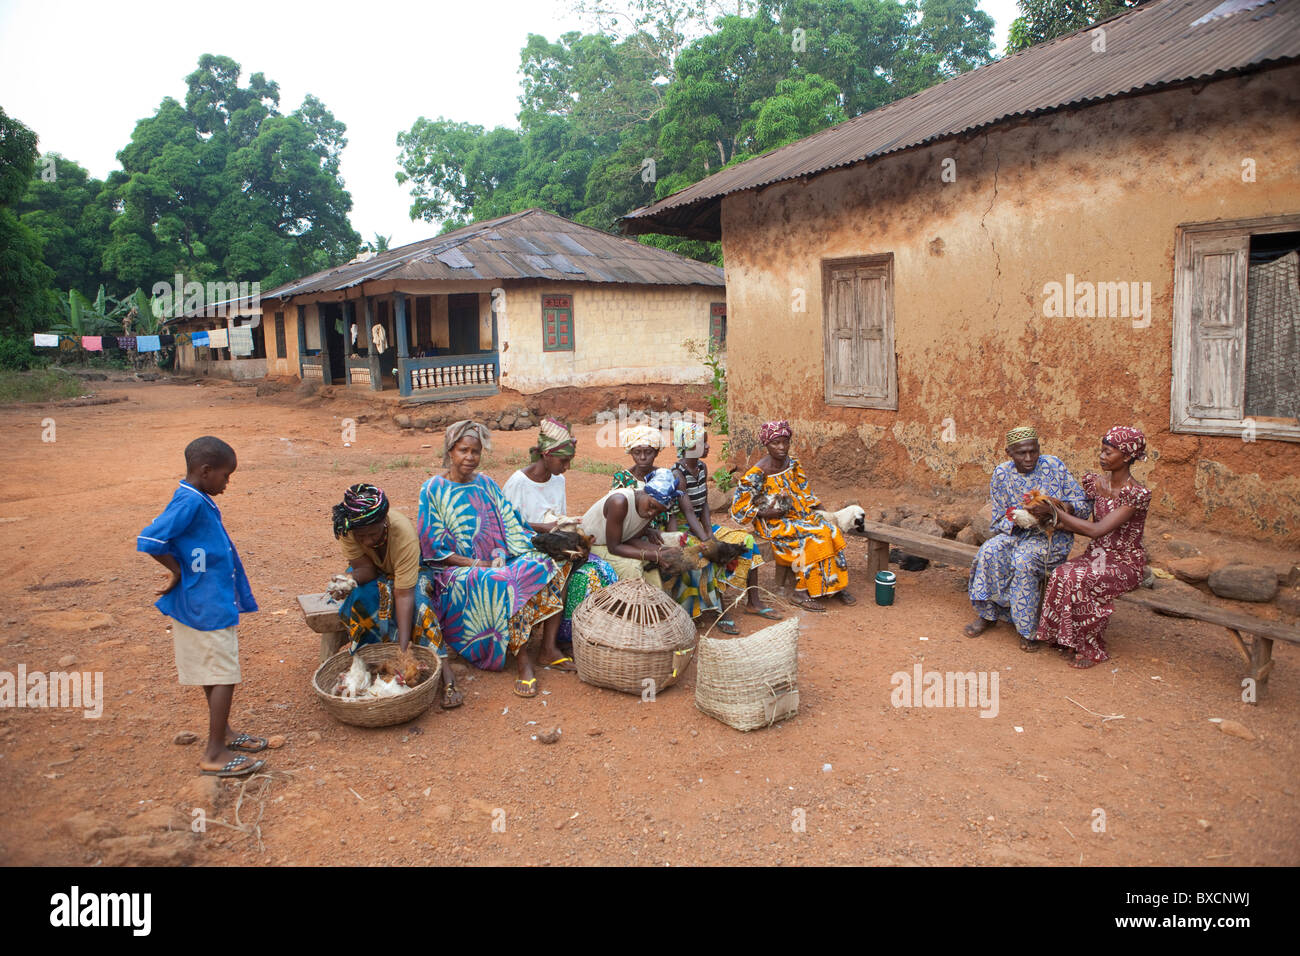 Dorfbewohner zusammen, um Impfungen für ihre Hühner erhalten in Port Loko, Sierra Leone, Westafrika. Stockbild